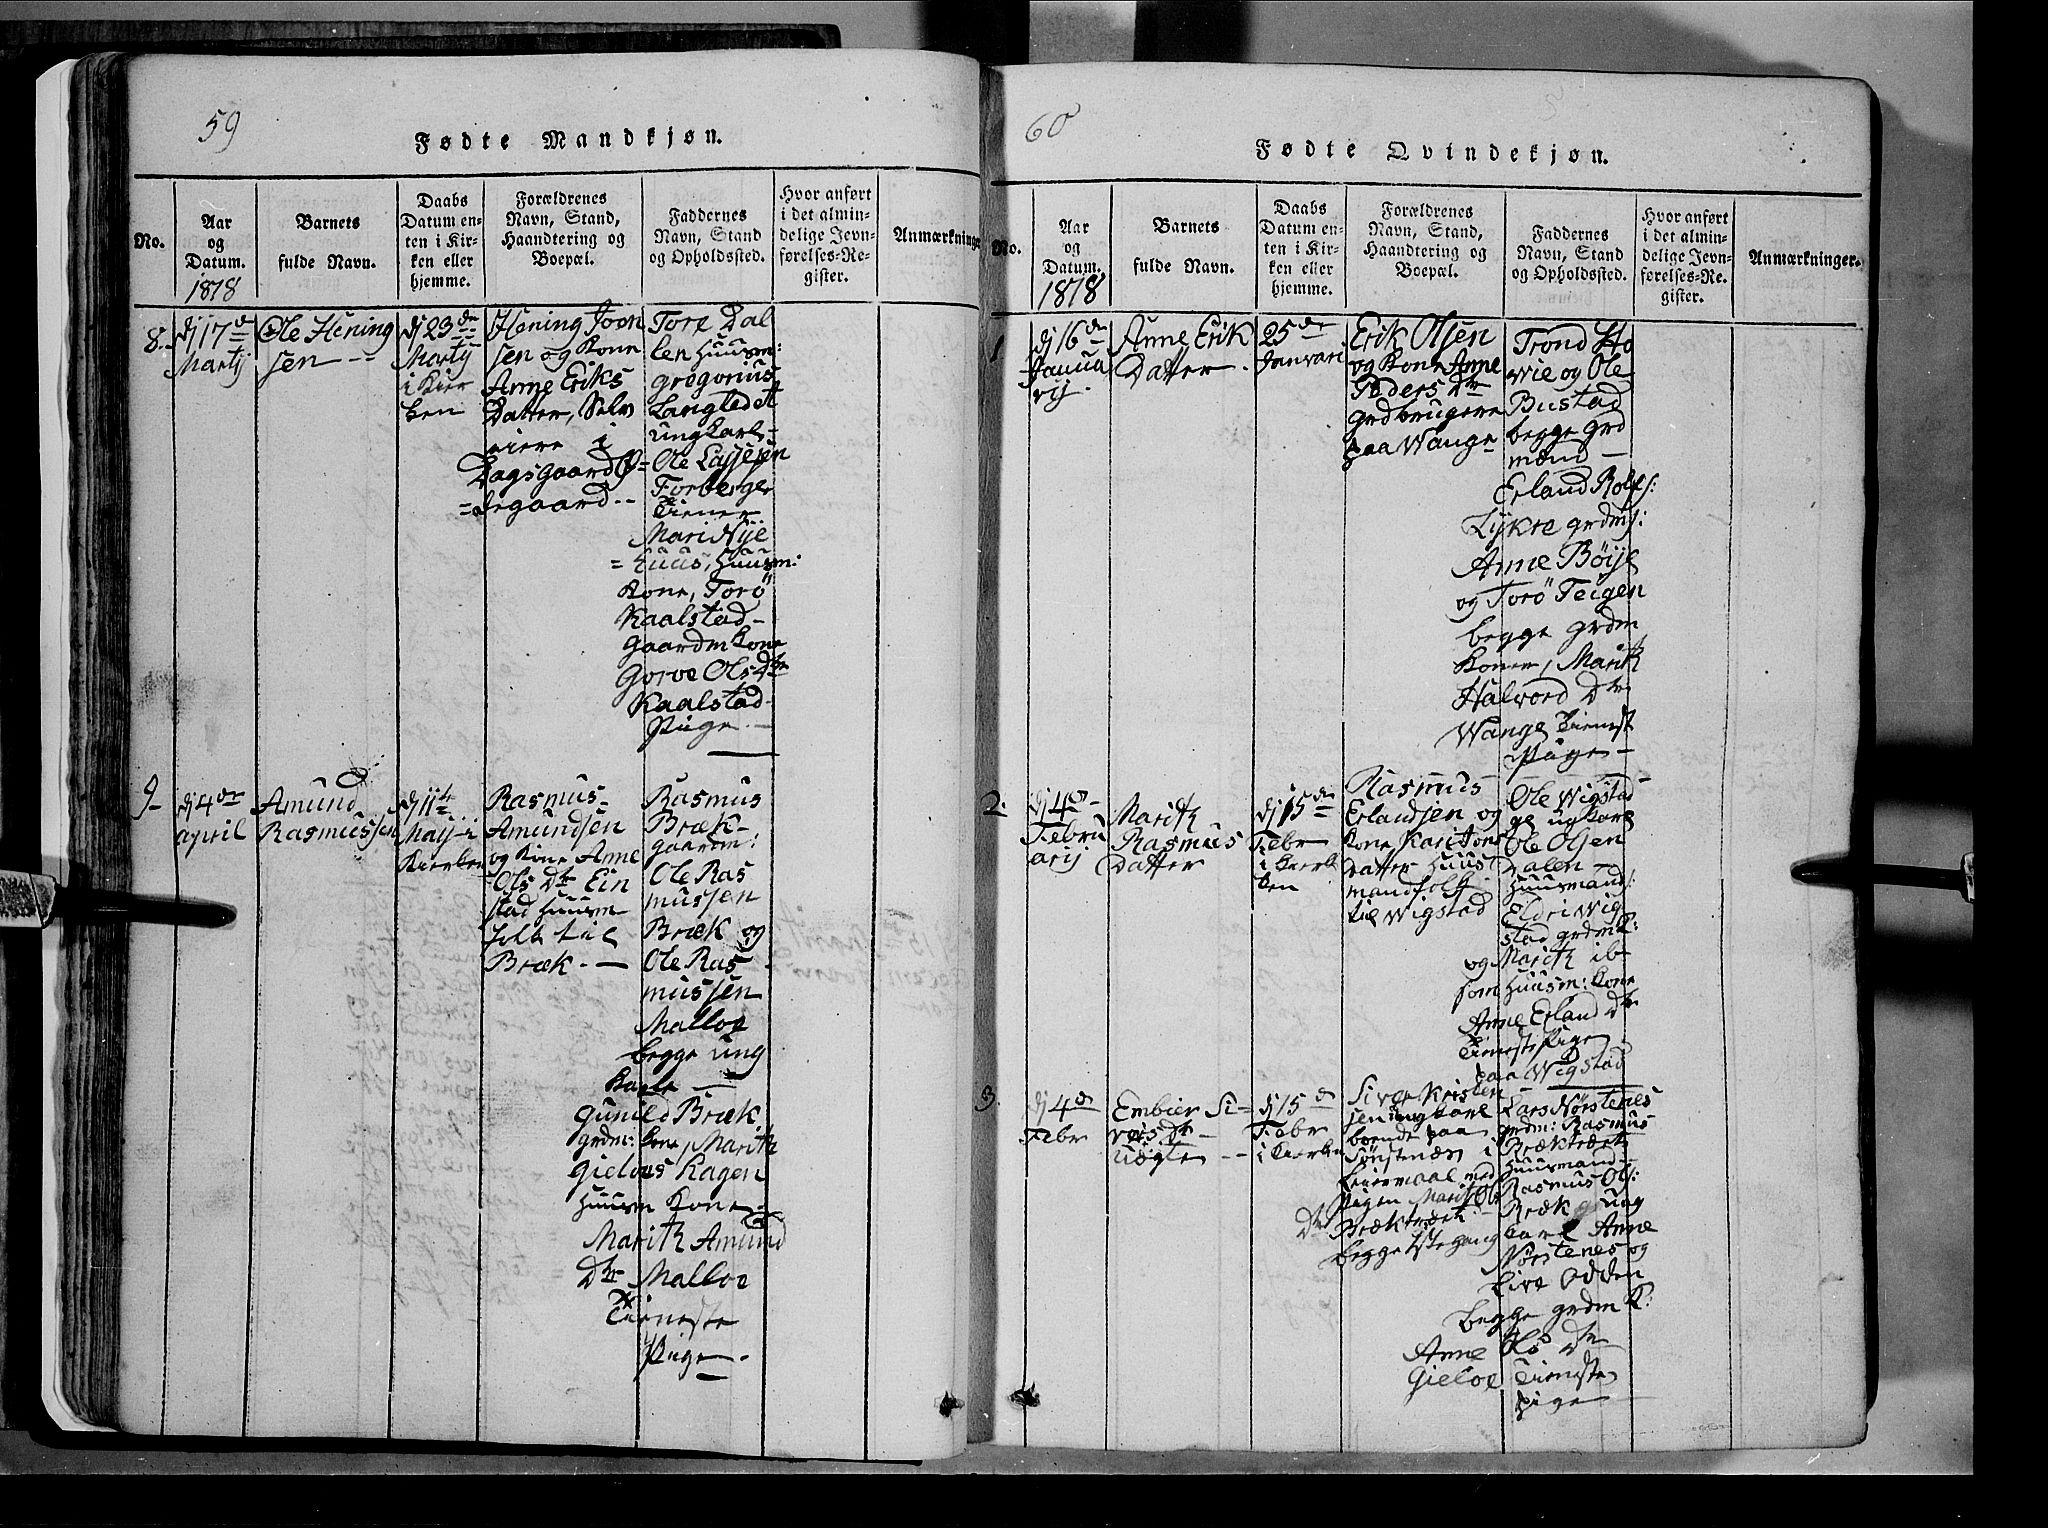 SAH, Lom prestekontor, L/L0003: Klokkerbok nr. 3, 1815-1844, s. 59-60